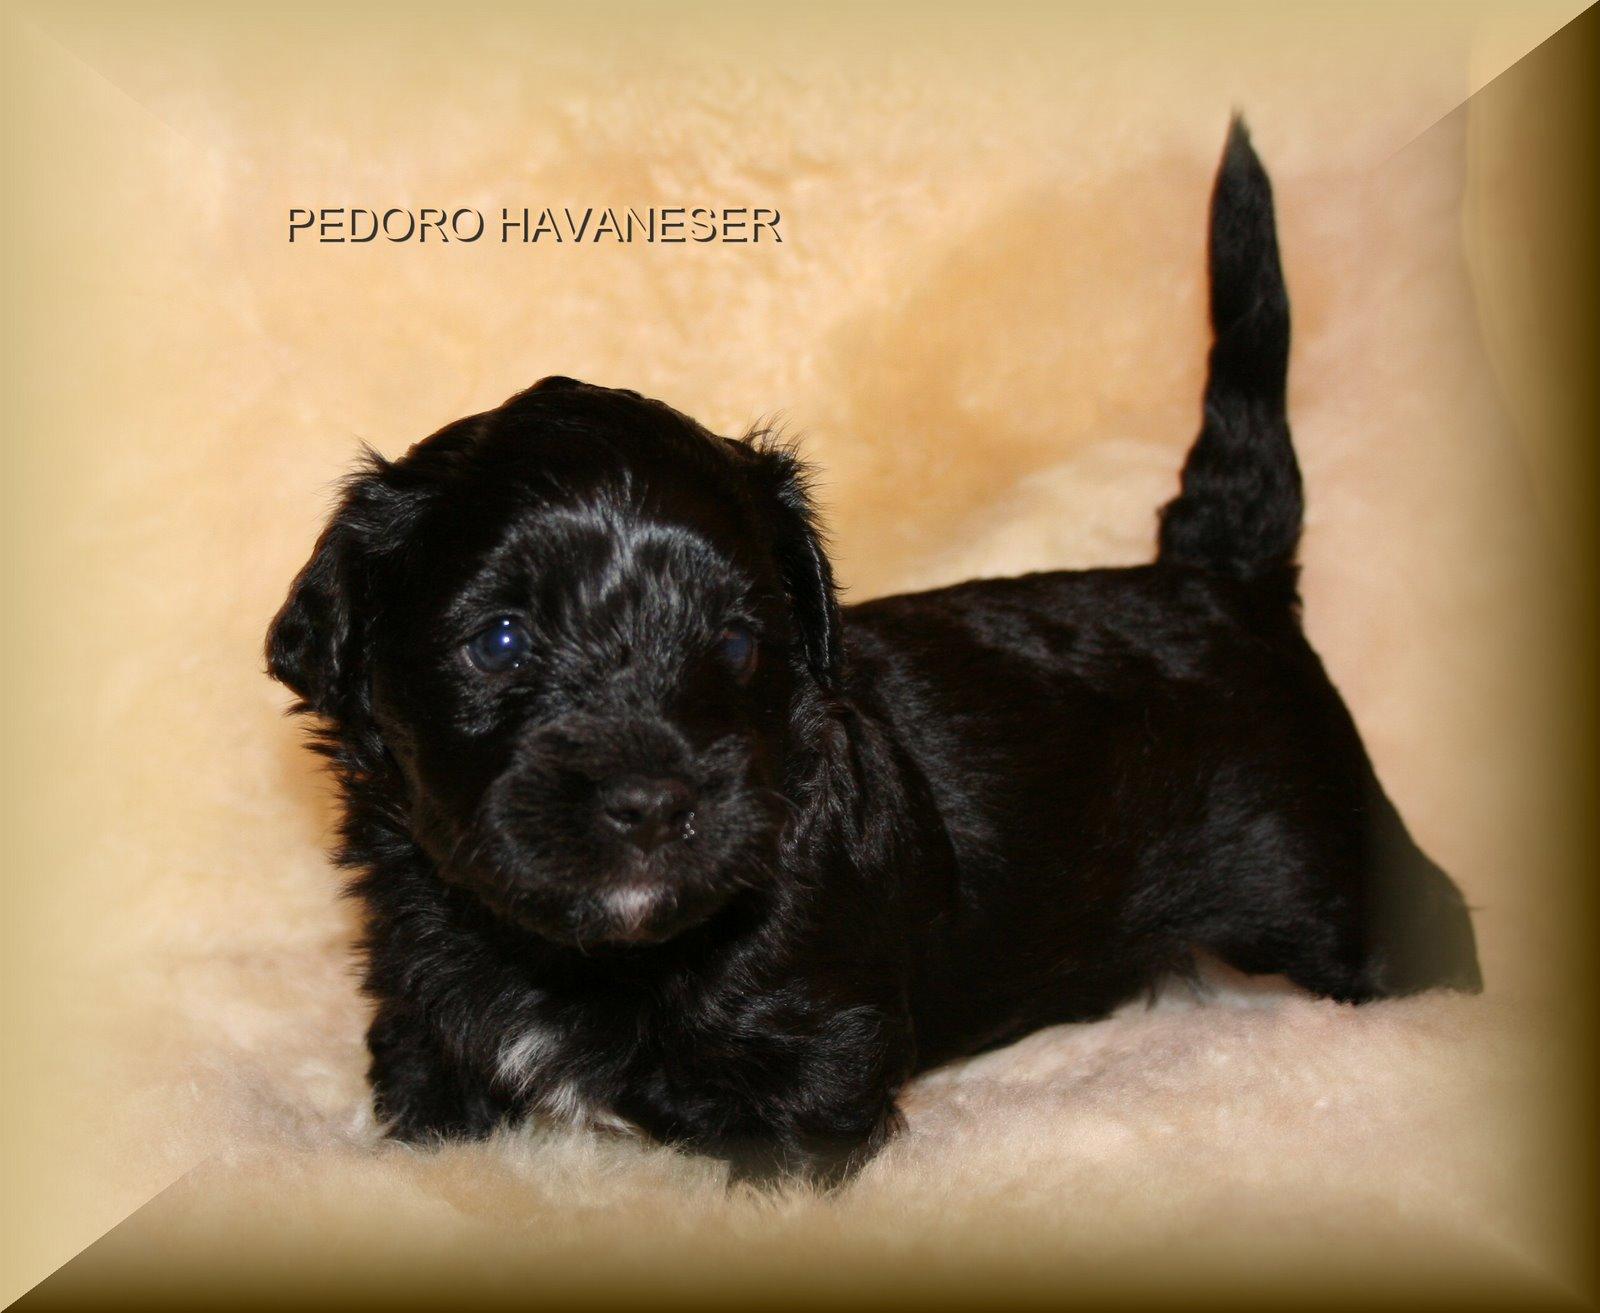 Havaneser Welpe Farbe schwarz PEDORO HAVANESER